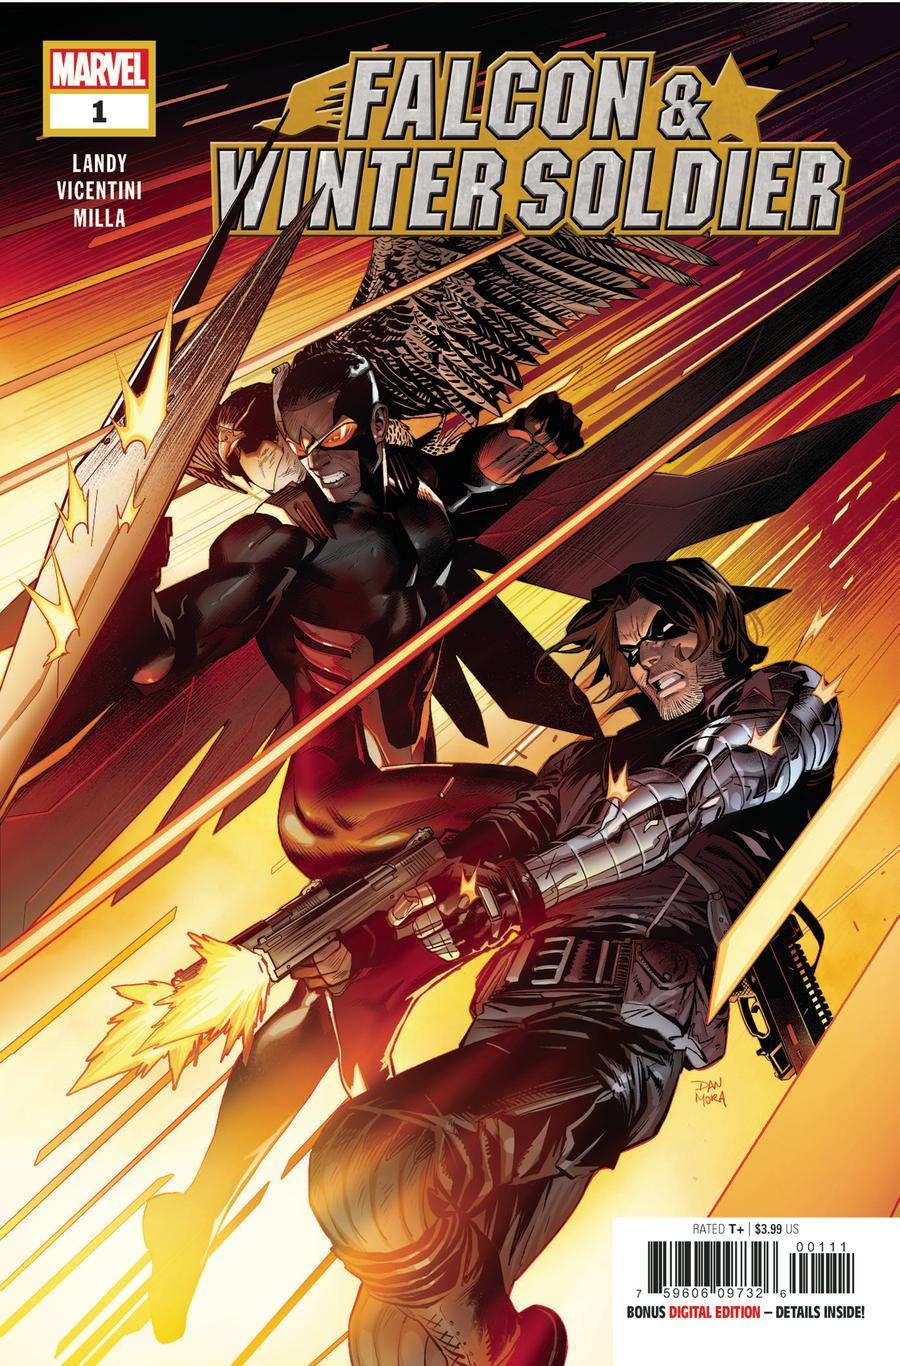 Falcon & Winter Soldier #1 Cover A Regular Dan Mora Cover